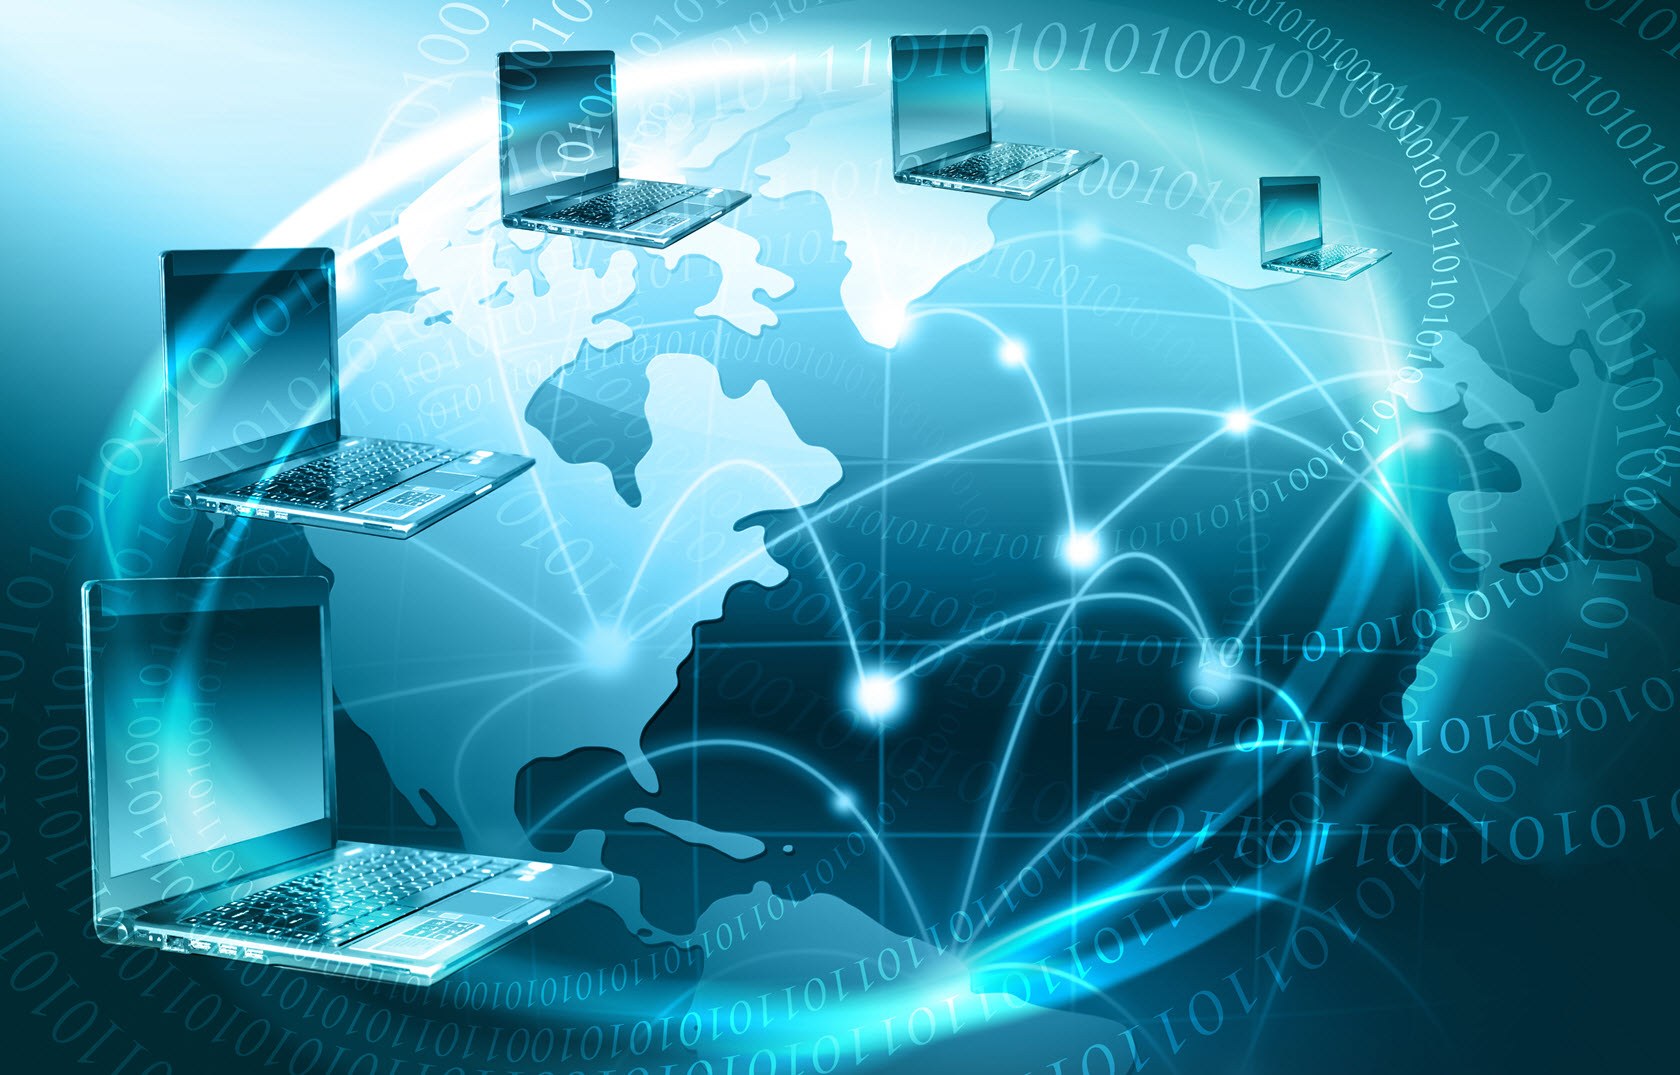 Постачання, впровадження та супровід програмного і апаратного забезпечення